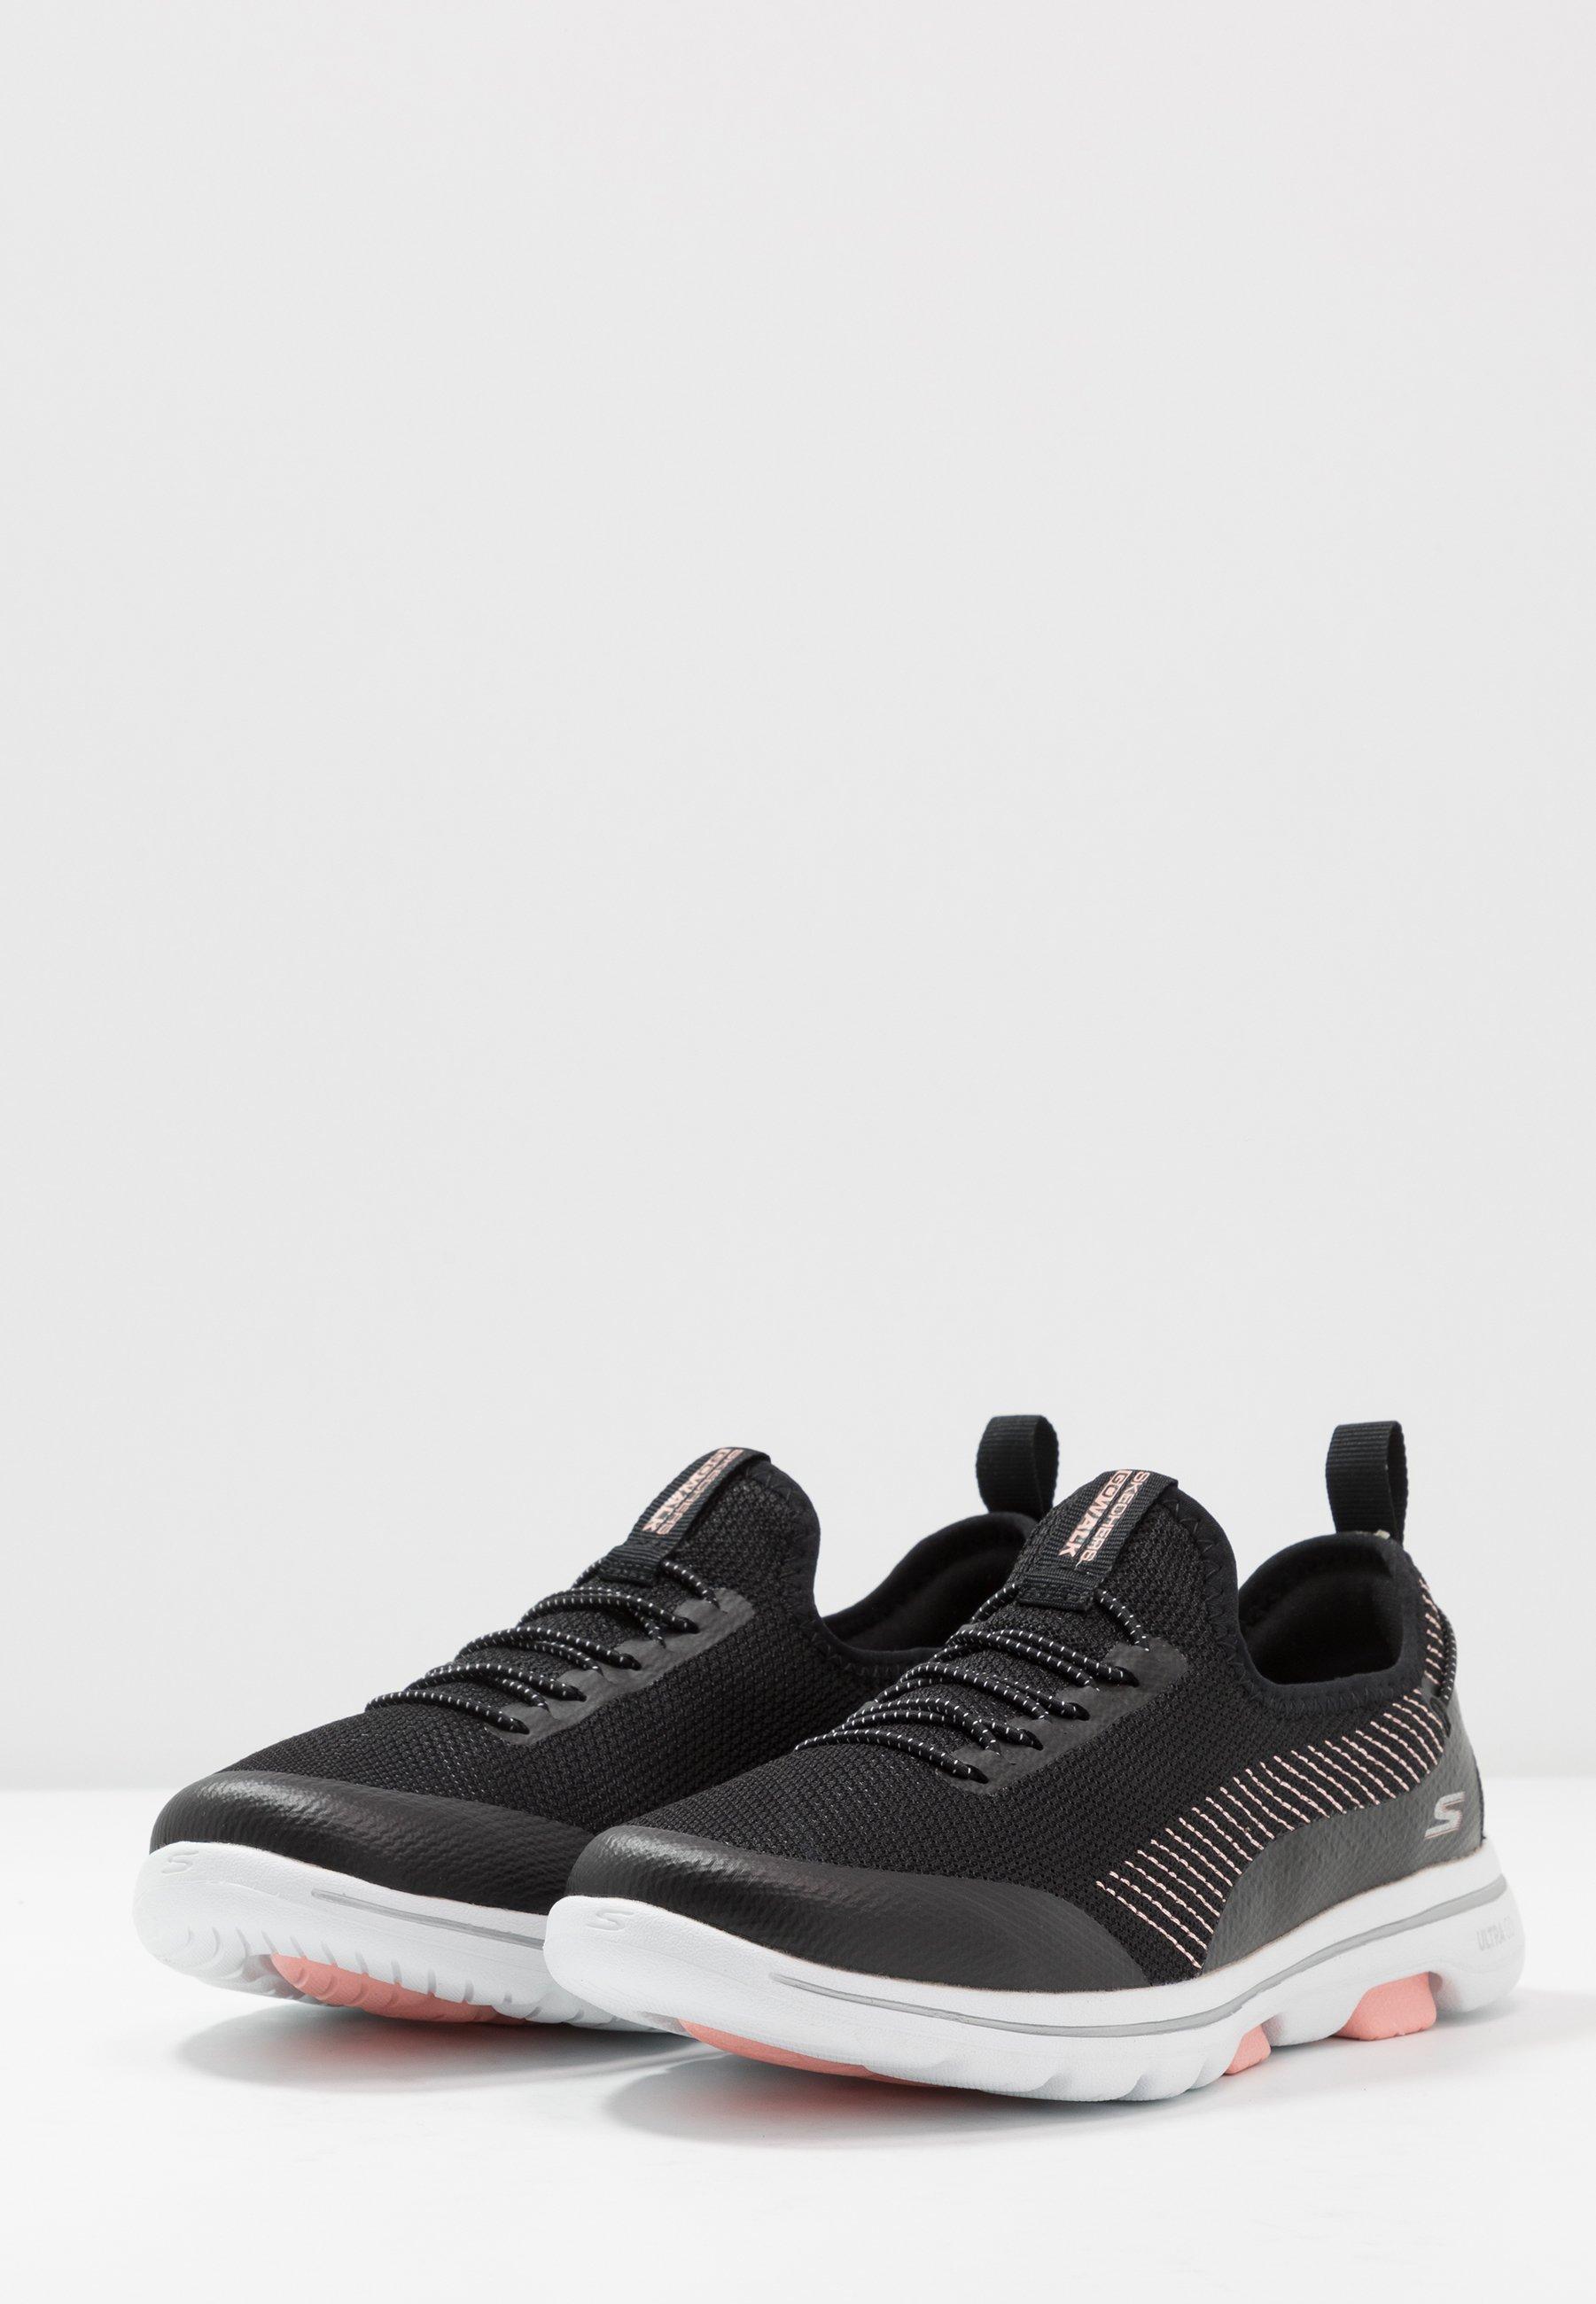 Skechers Performance GO WALK 5 PROLIFIC - Chaussures de course - black/pink - Chaussures de sport femme En ligne